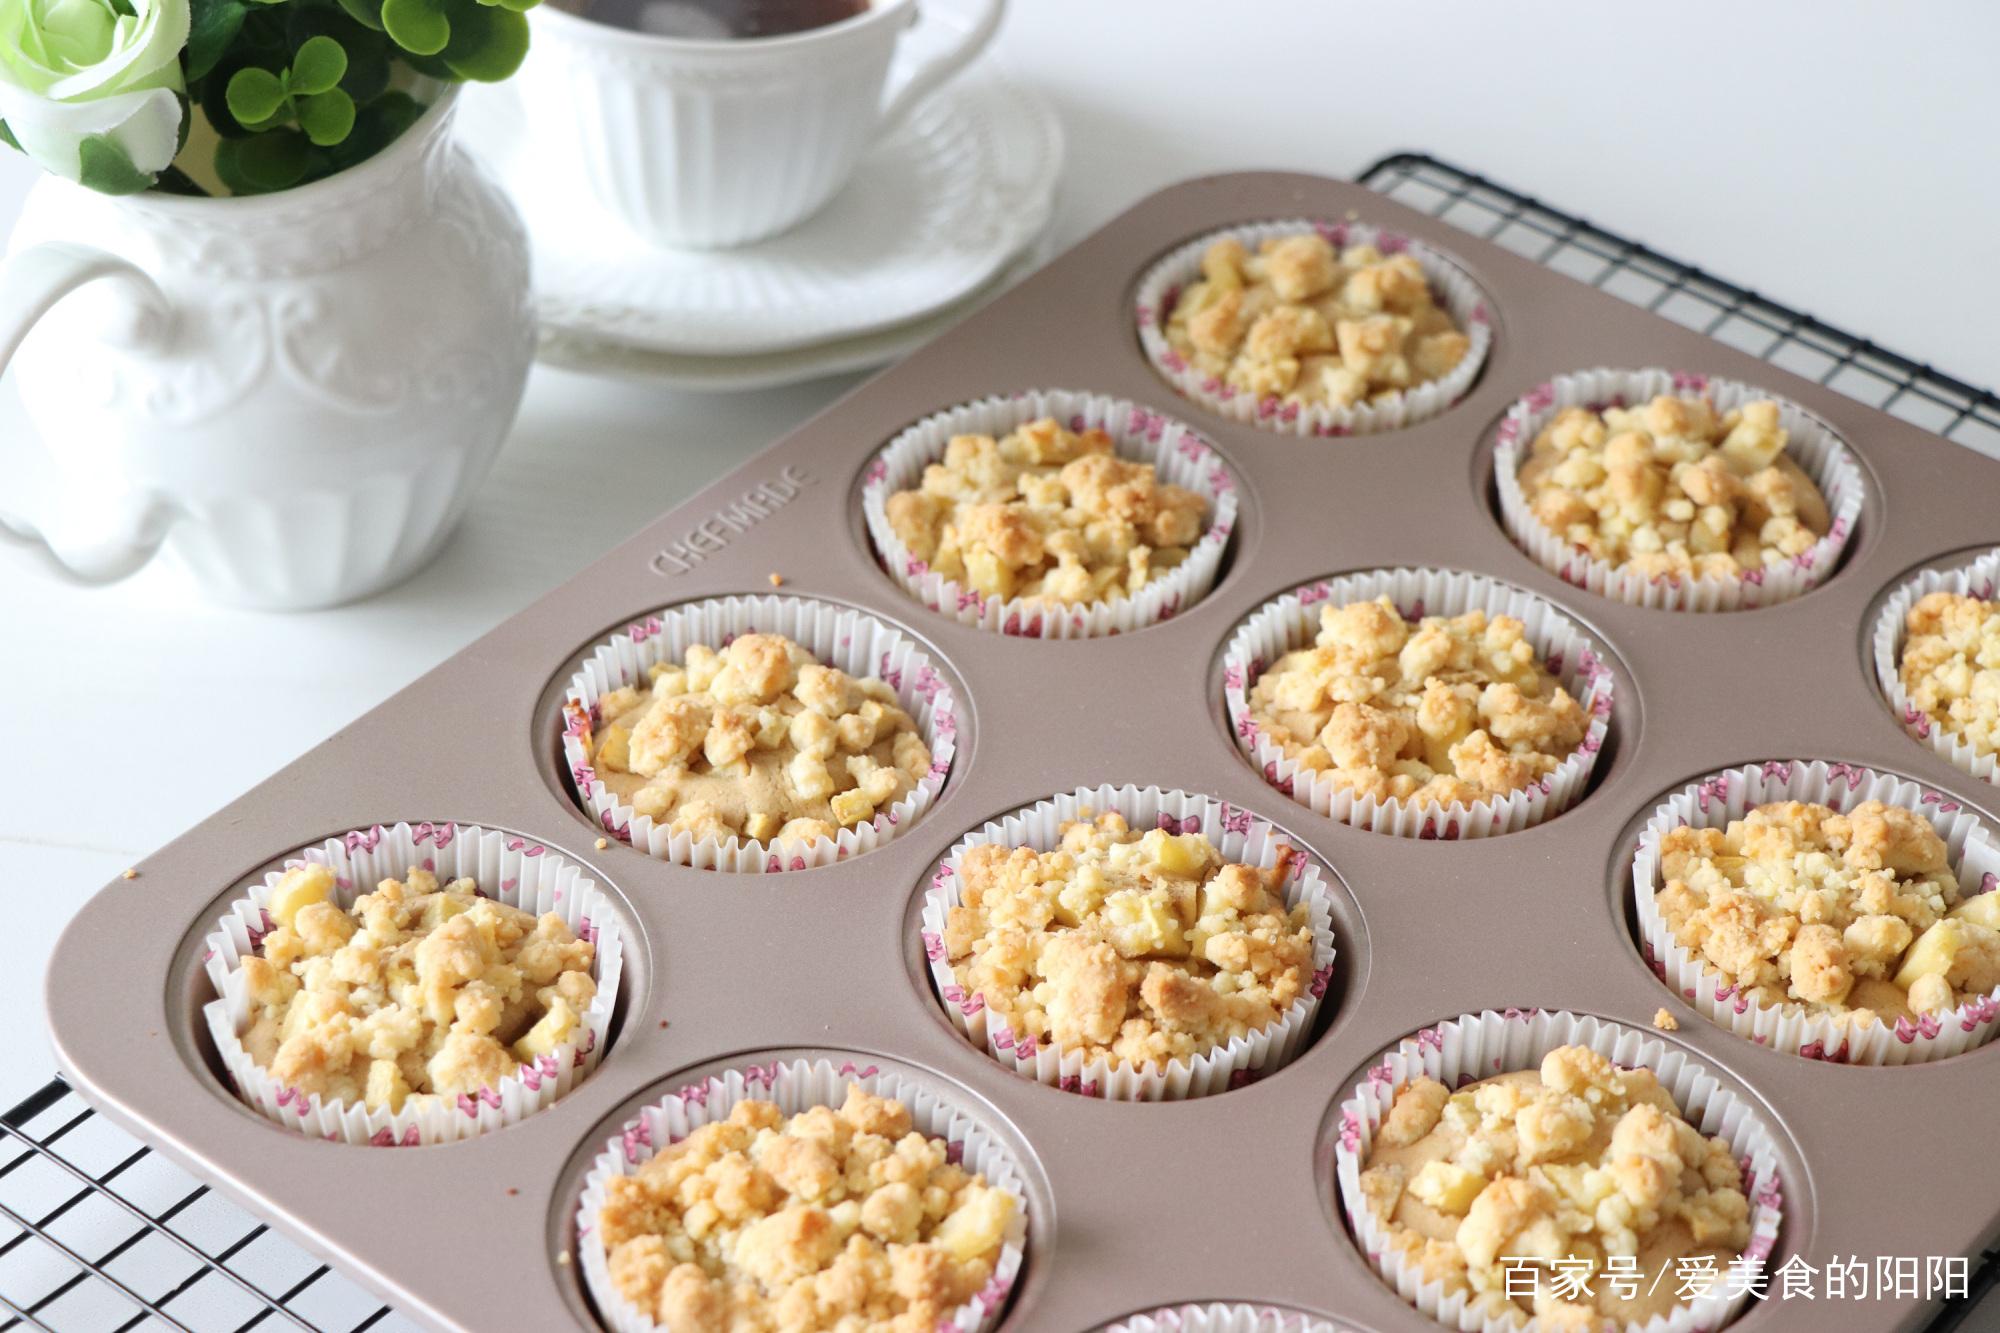 咖啡店甜品,玛芬蛋糕在家轻松做,一个盆搅一搅,做出美味小蛋糕